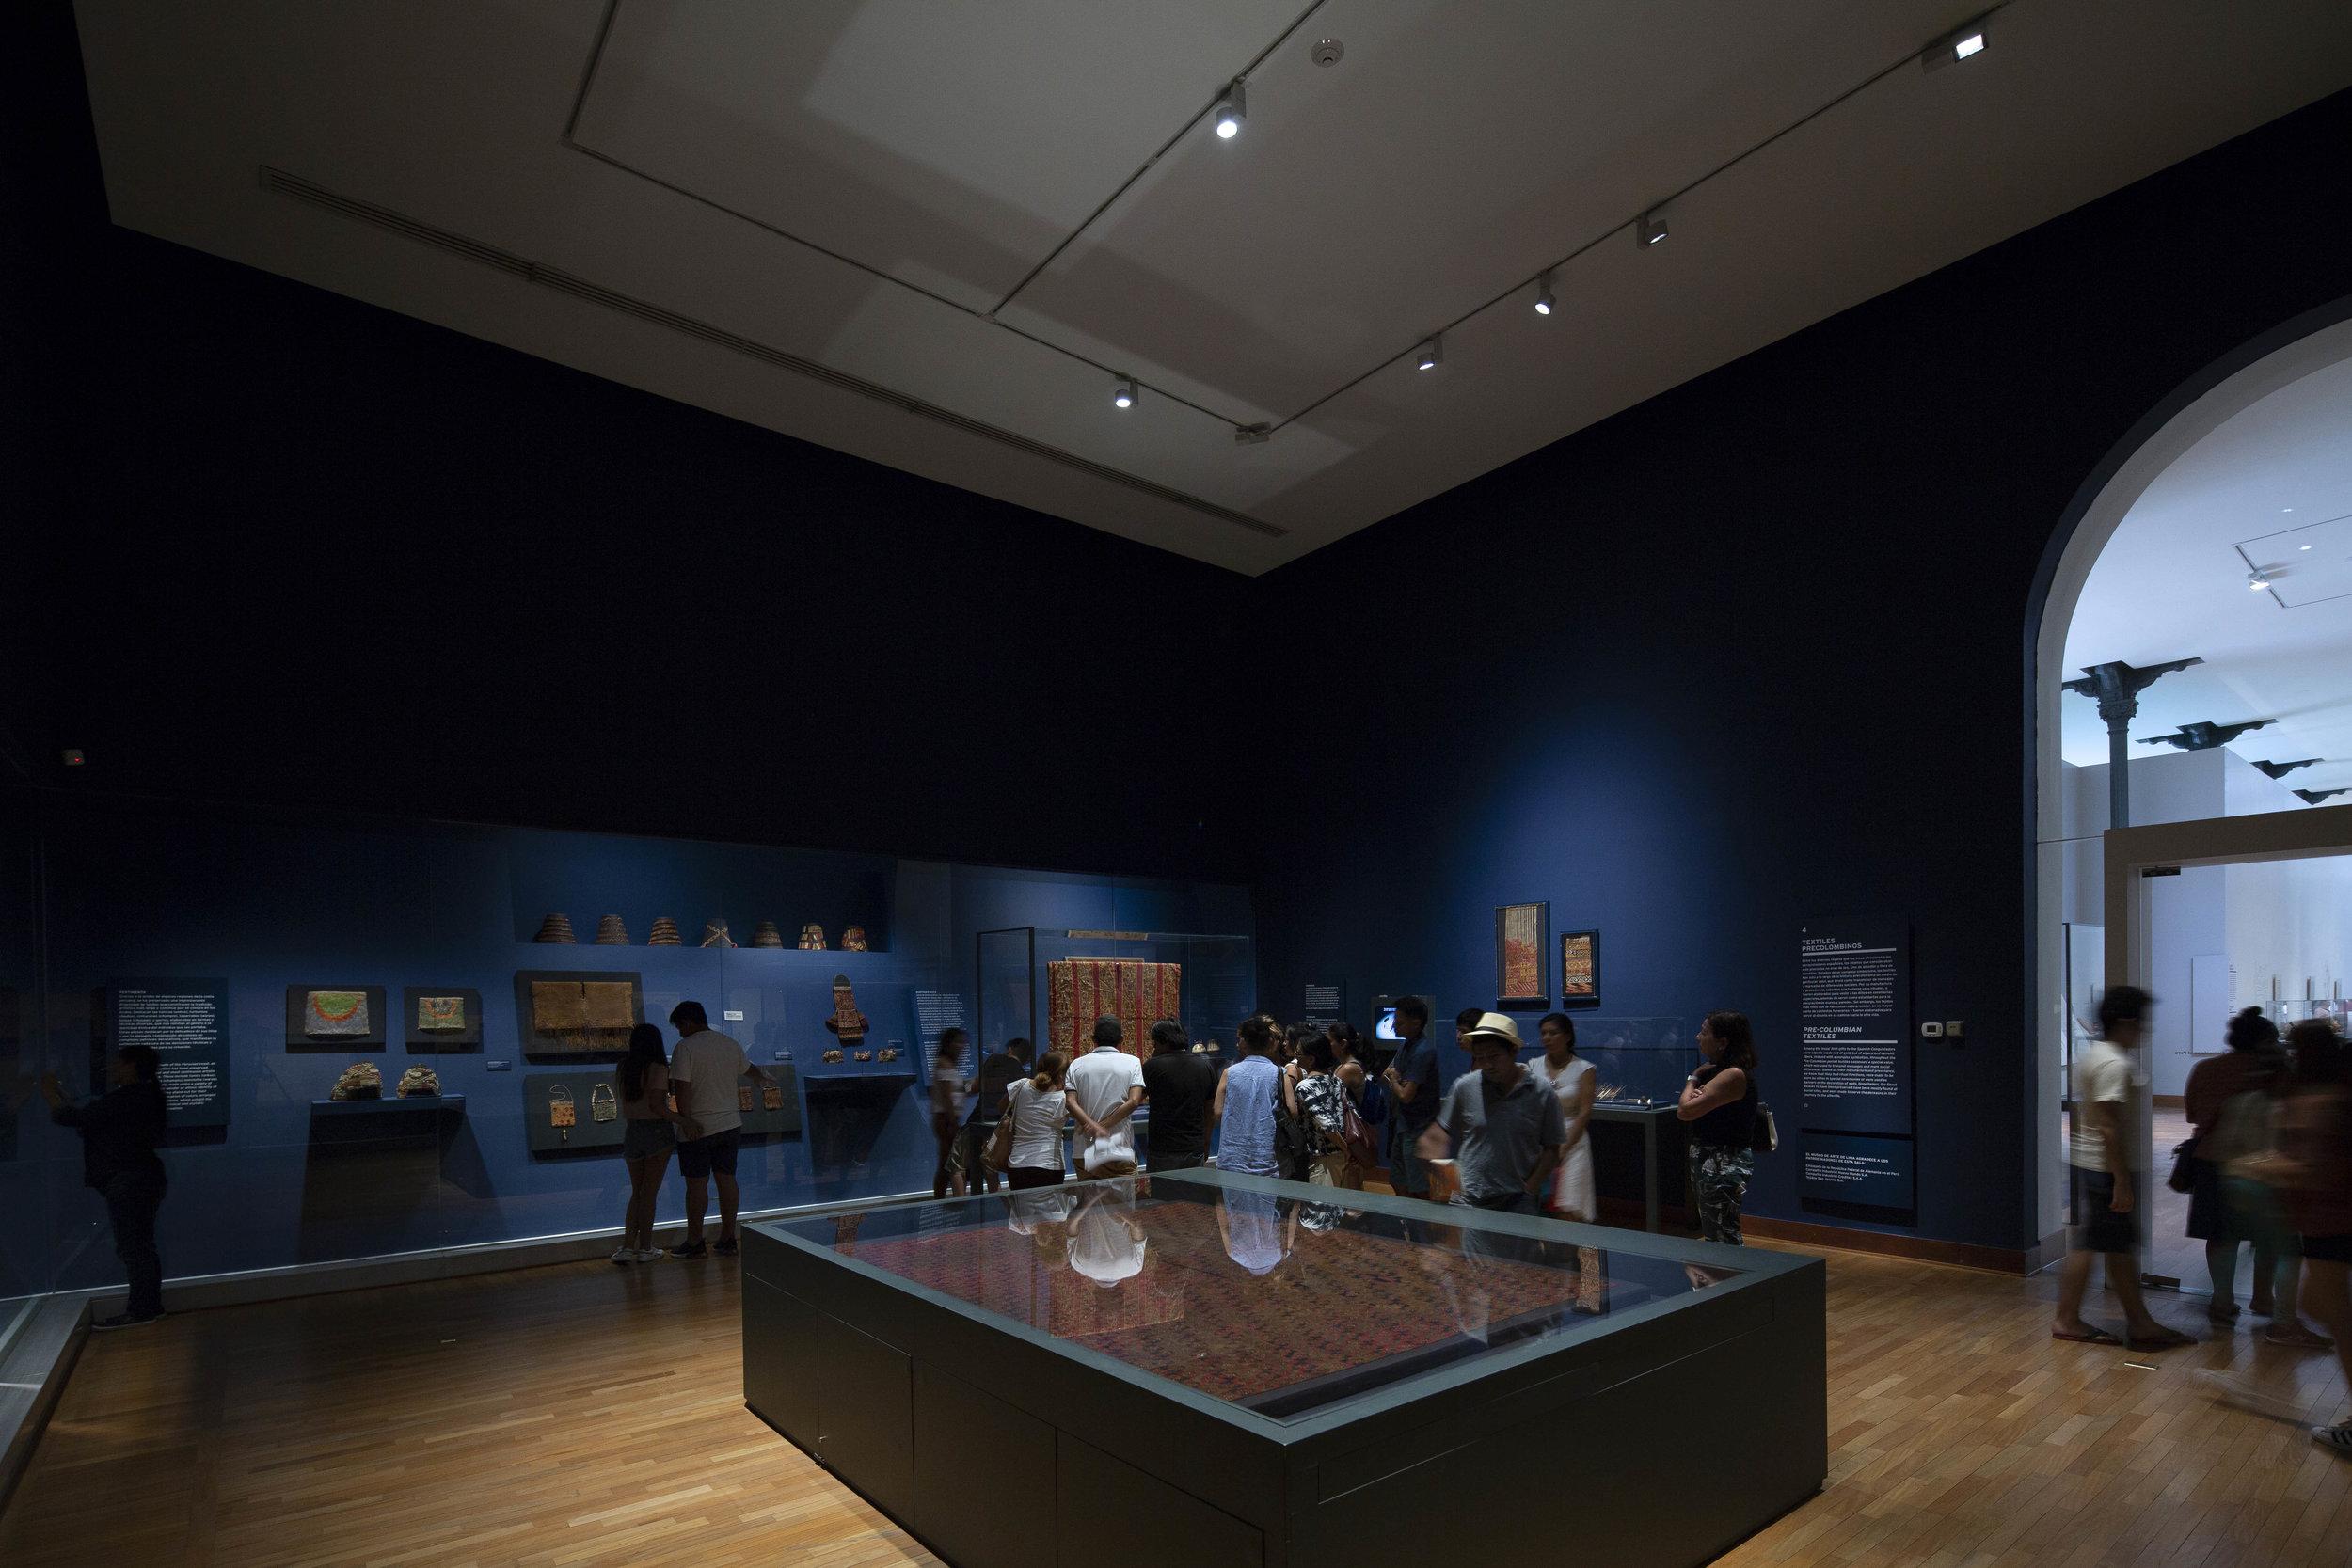 Museo de arte de Lima, Peru